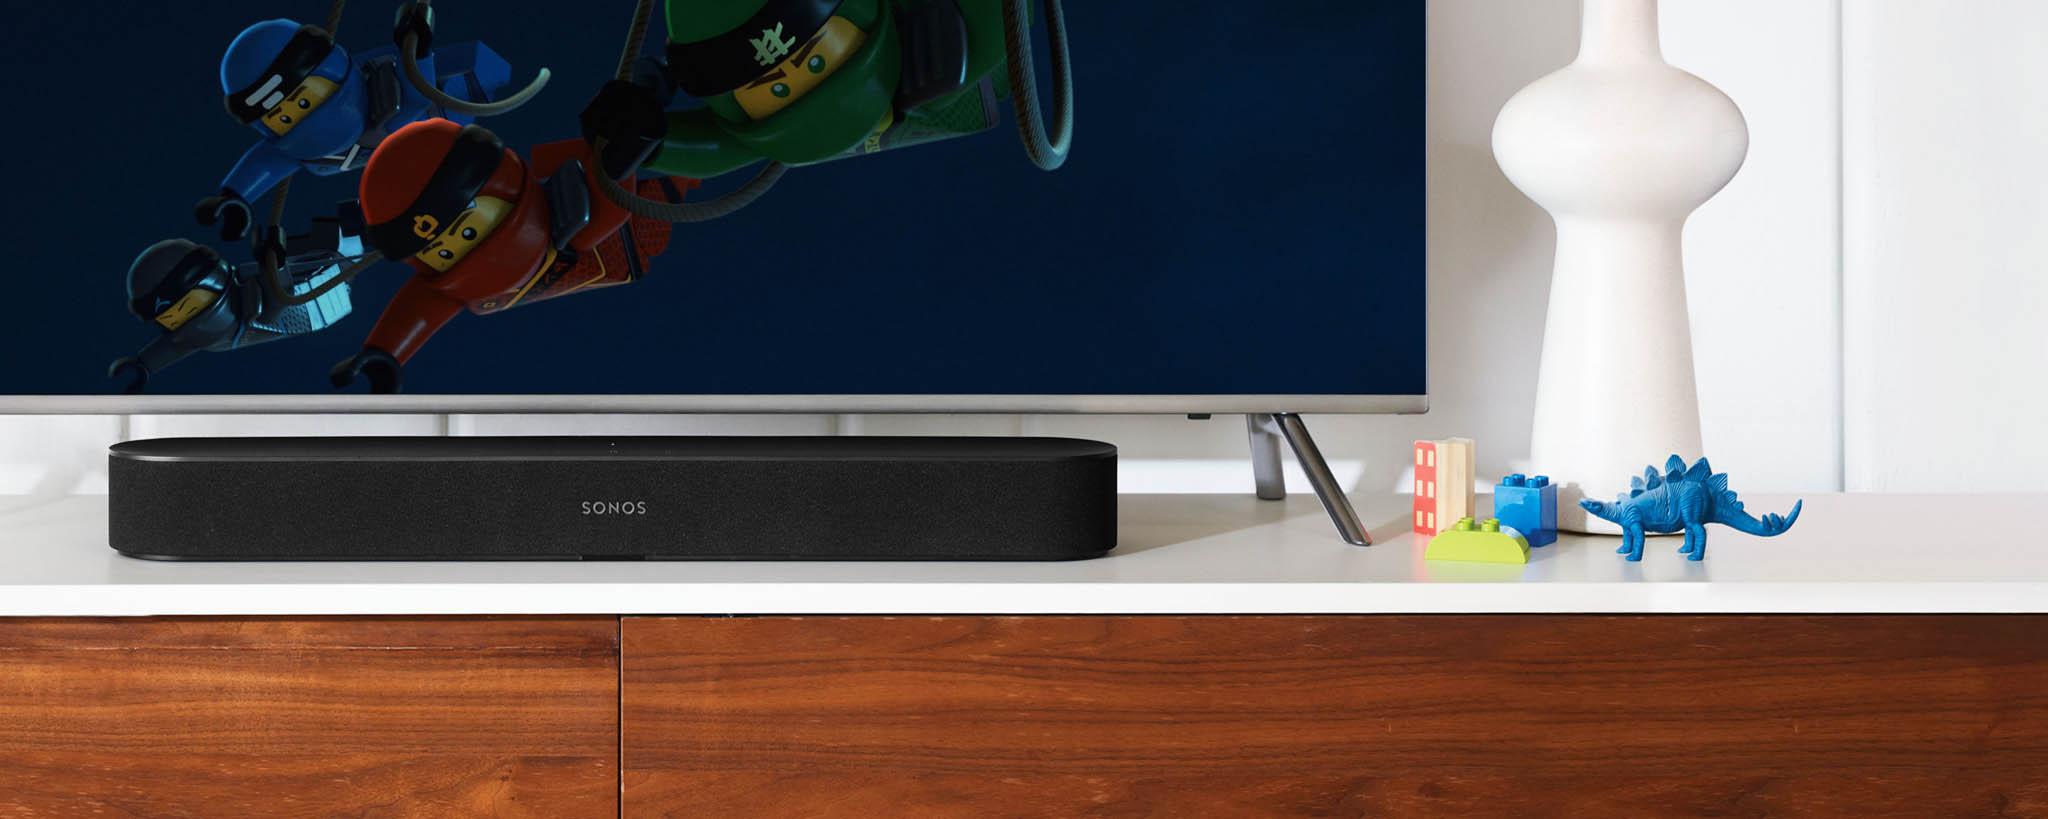 Systém bezdrátových reprosoustav Sonos se rozšířil o soundbar Beam, který si rozumí i s hlasem ovládanou asistentkou od Amazonu nebo s hudební službou Spotify.